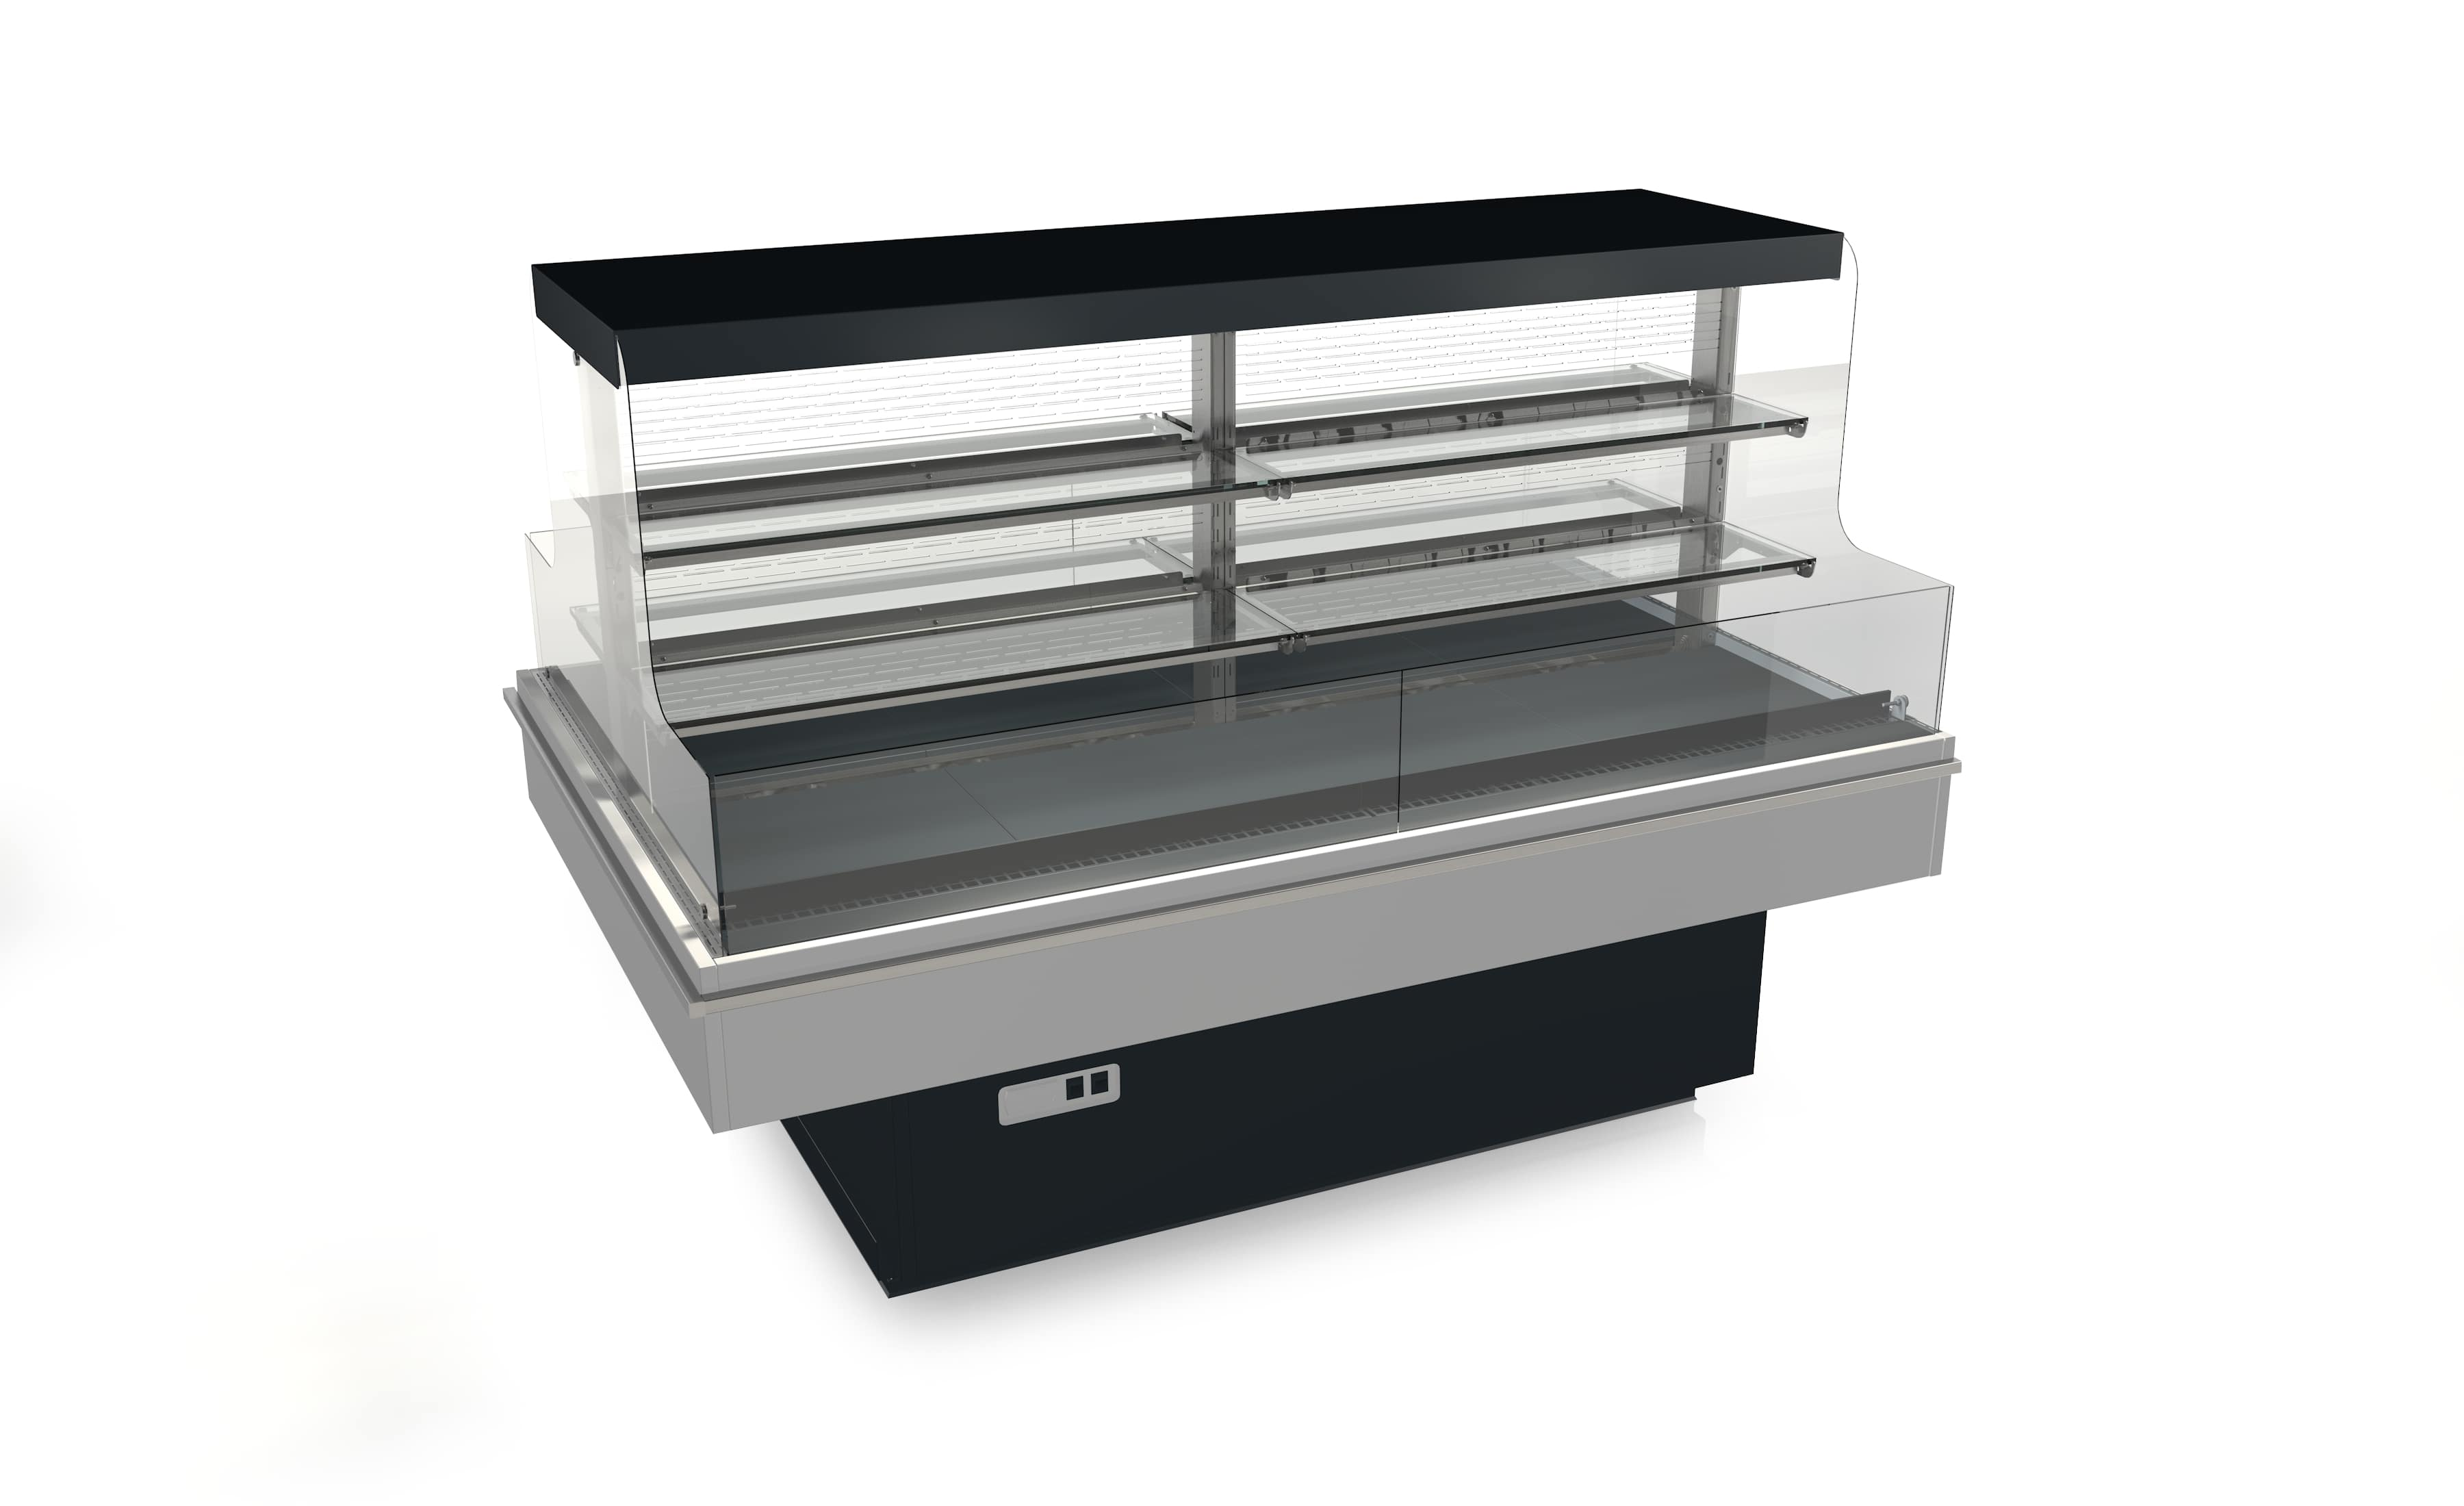 refrigerated-counter-servigo-angled-empty